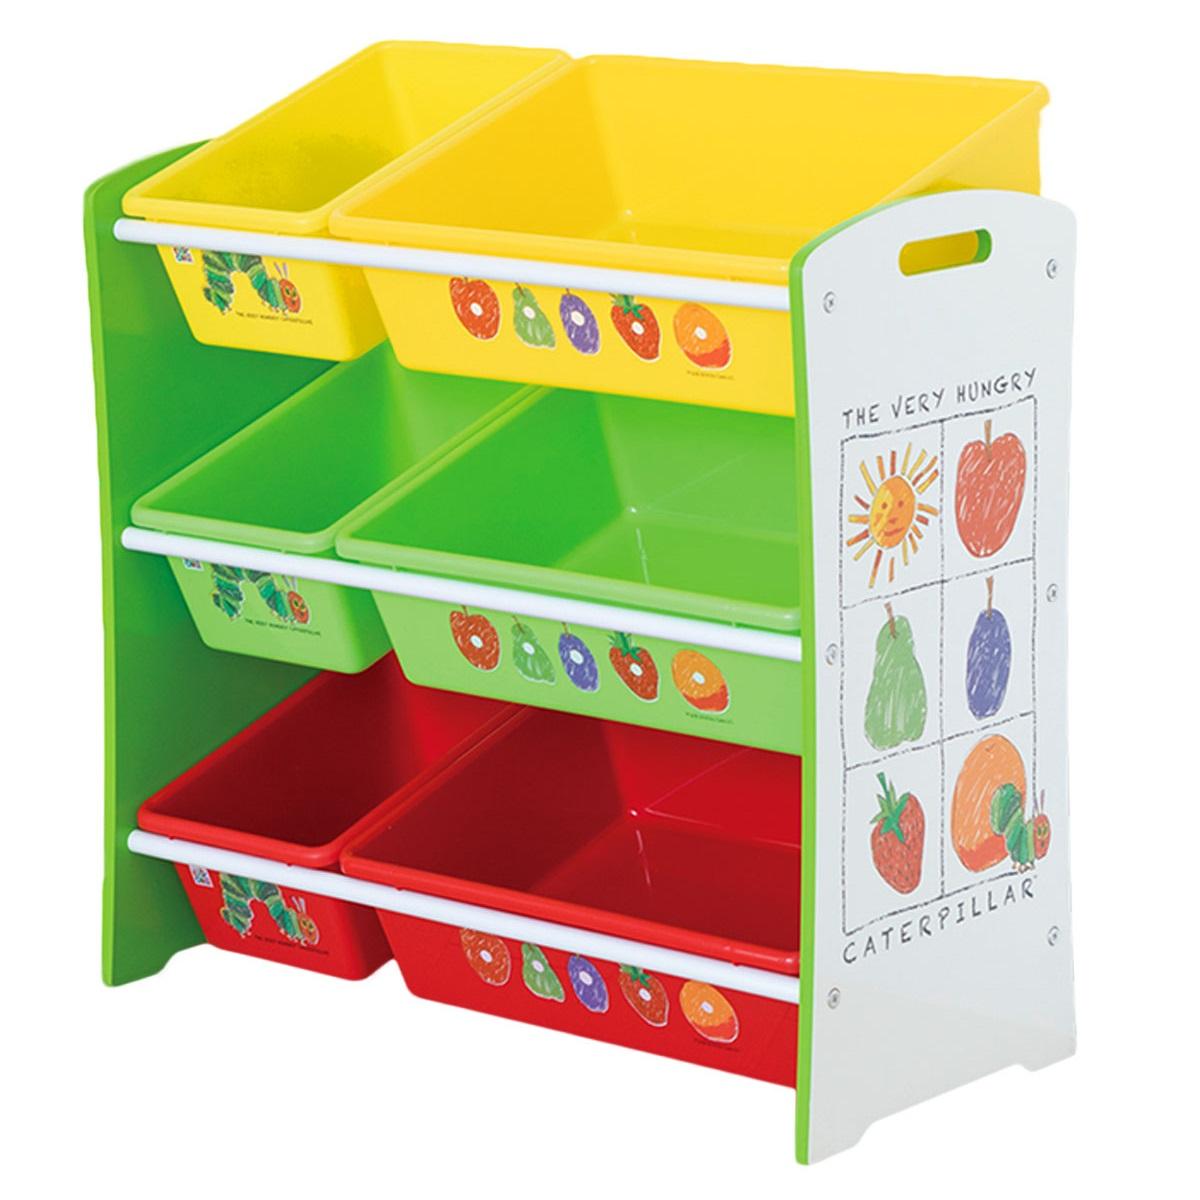 日本育児 EricCarle(エリックカール) はらぺこあおむし おかたづけ大好き 収納棚 おもちゃ ラック 6830001001